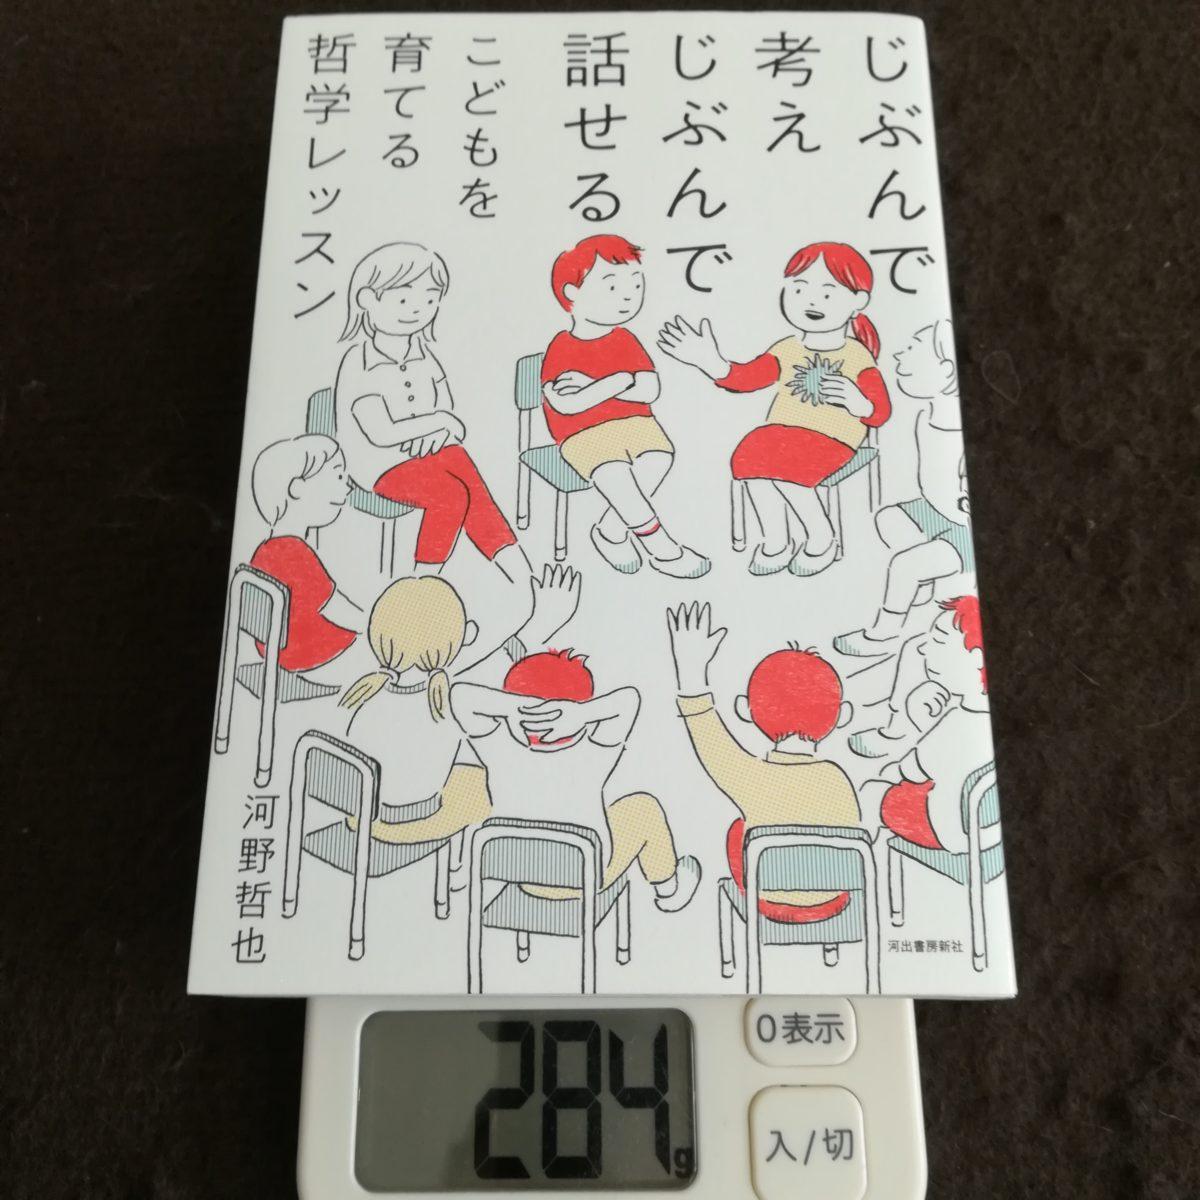 【行動②本を1トン読む】20190509